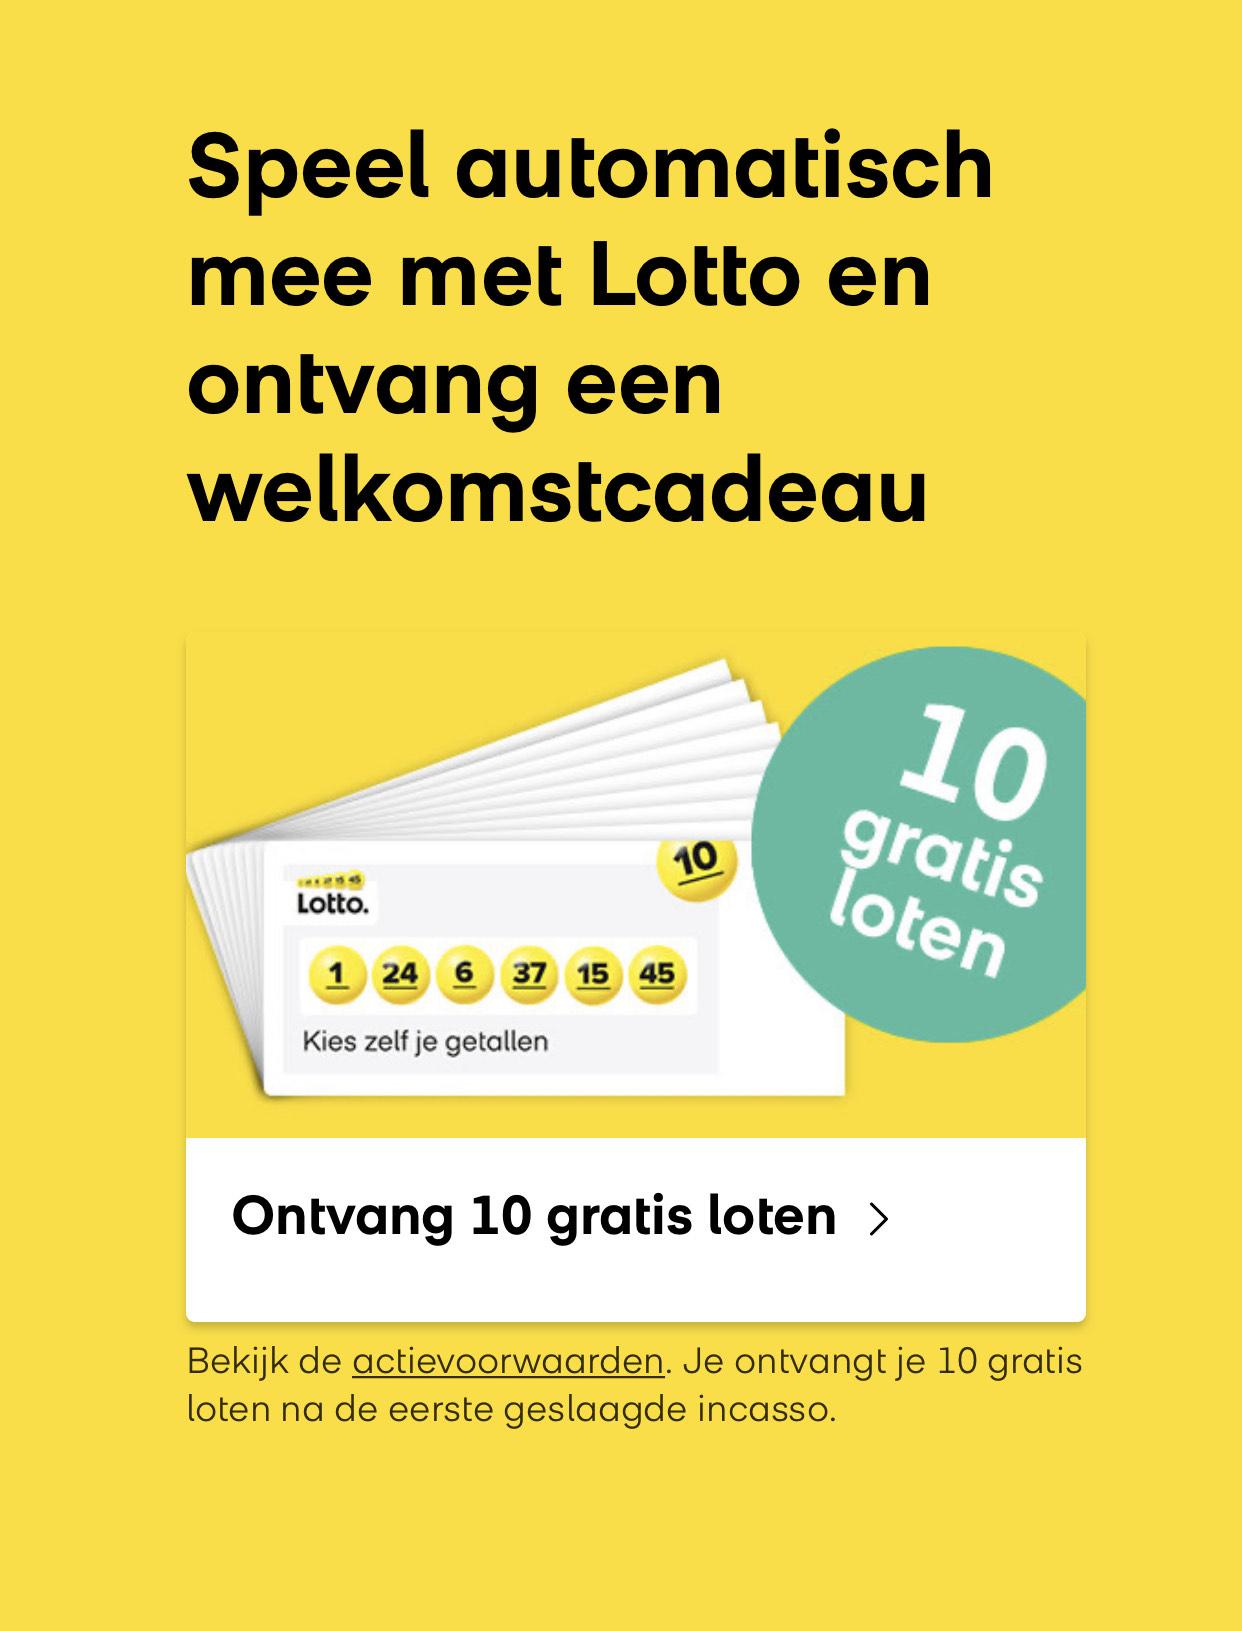 Wederom 10 gratis loten bij de Lotto bij het aankopen van een abonnement.